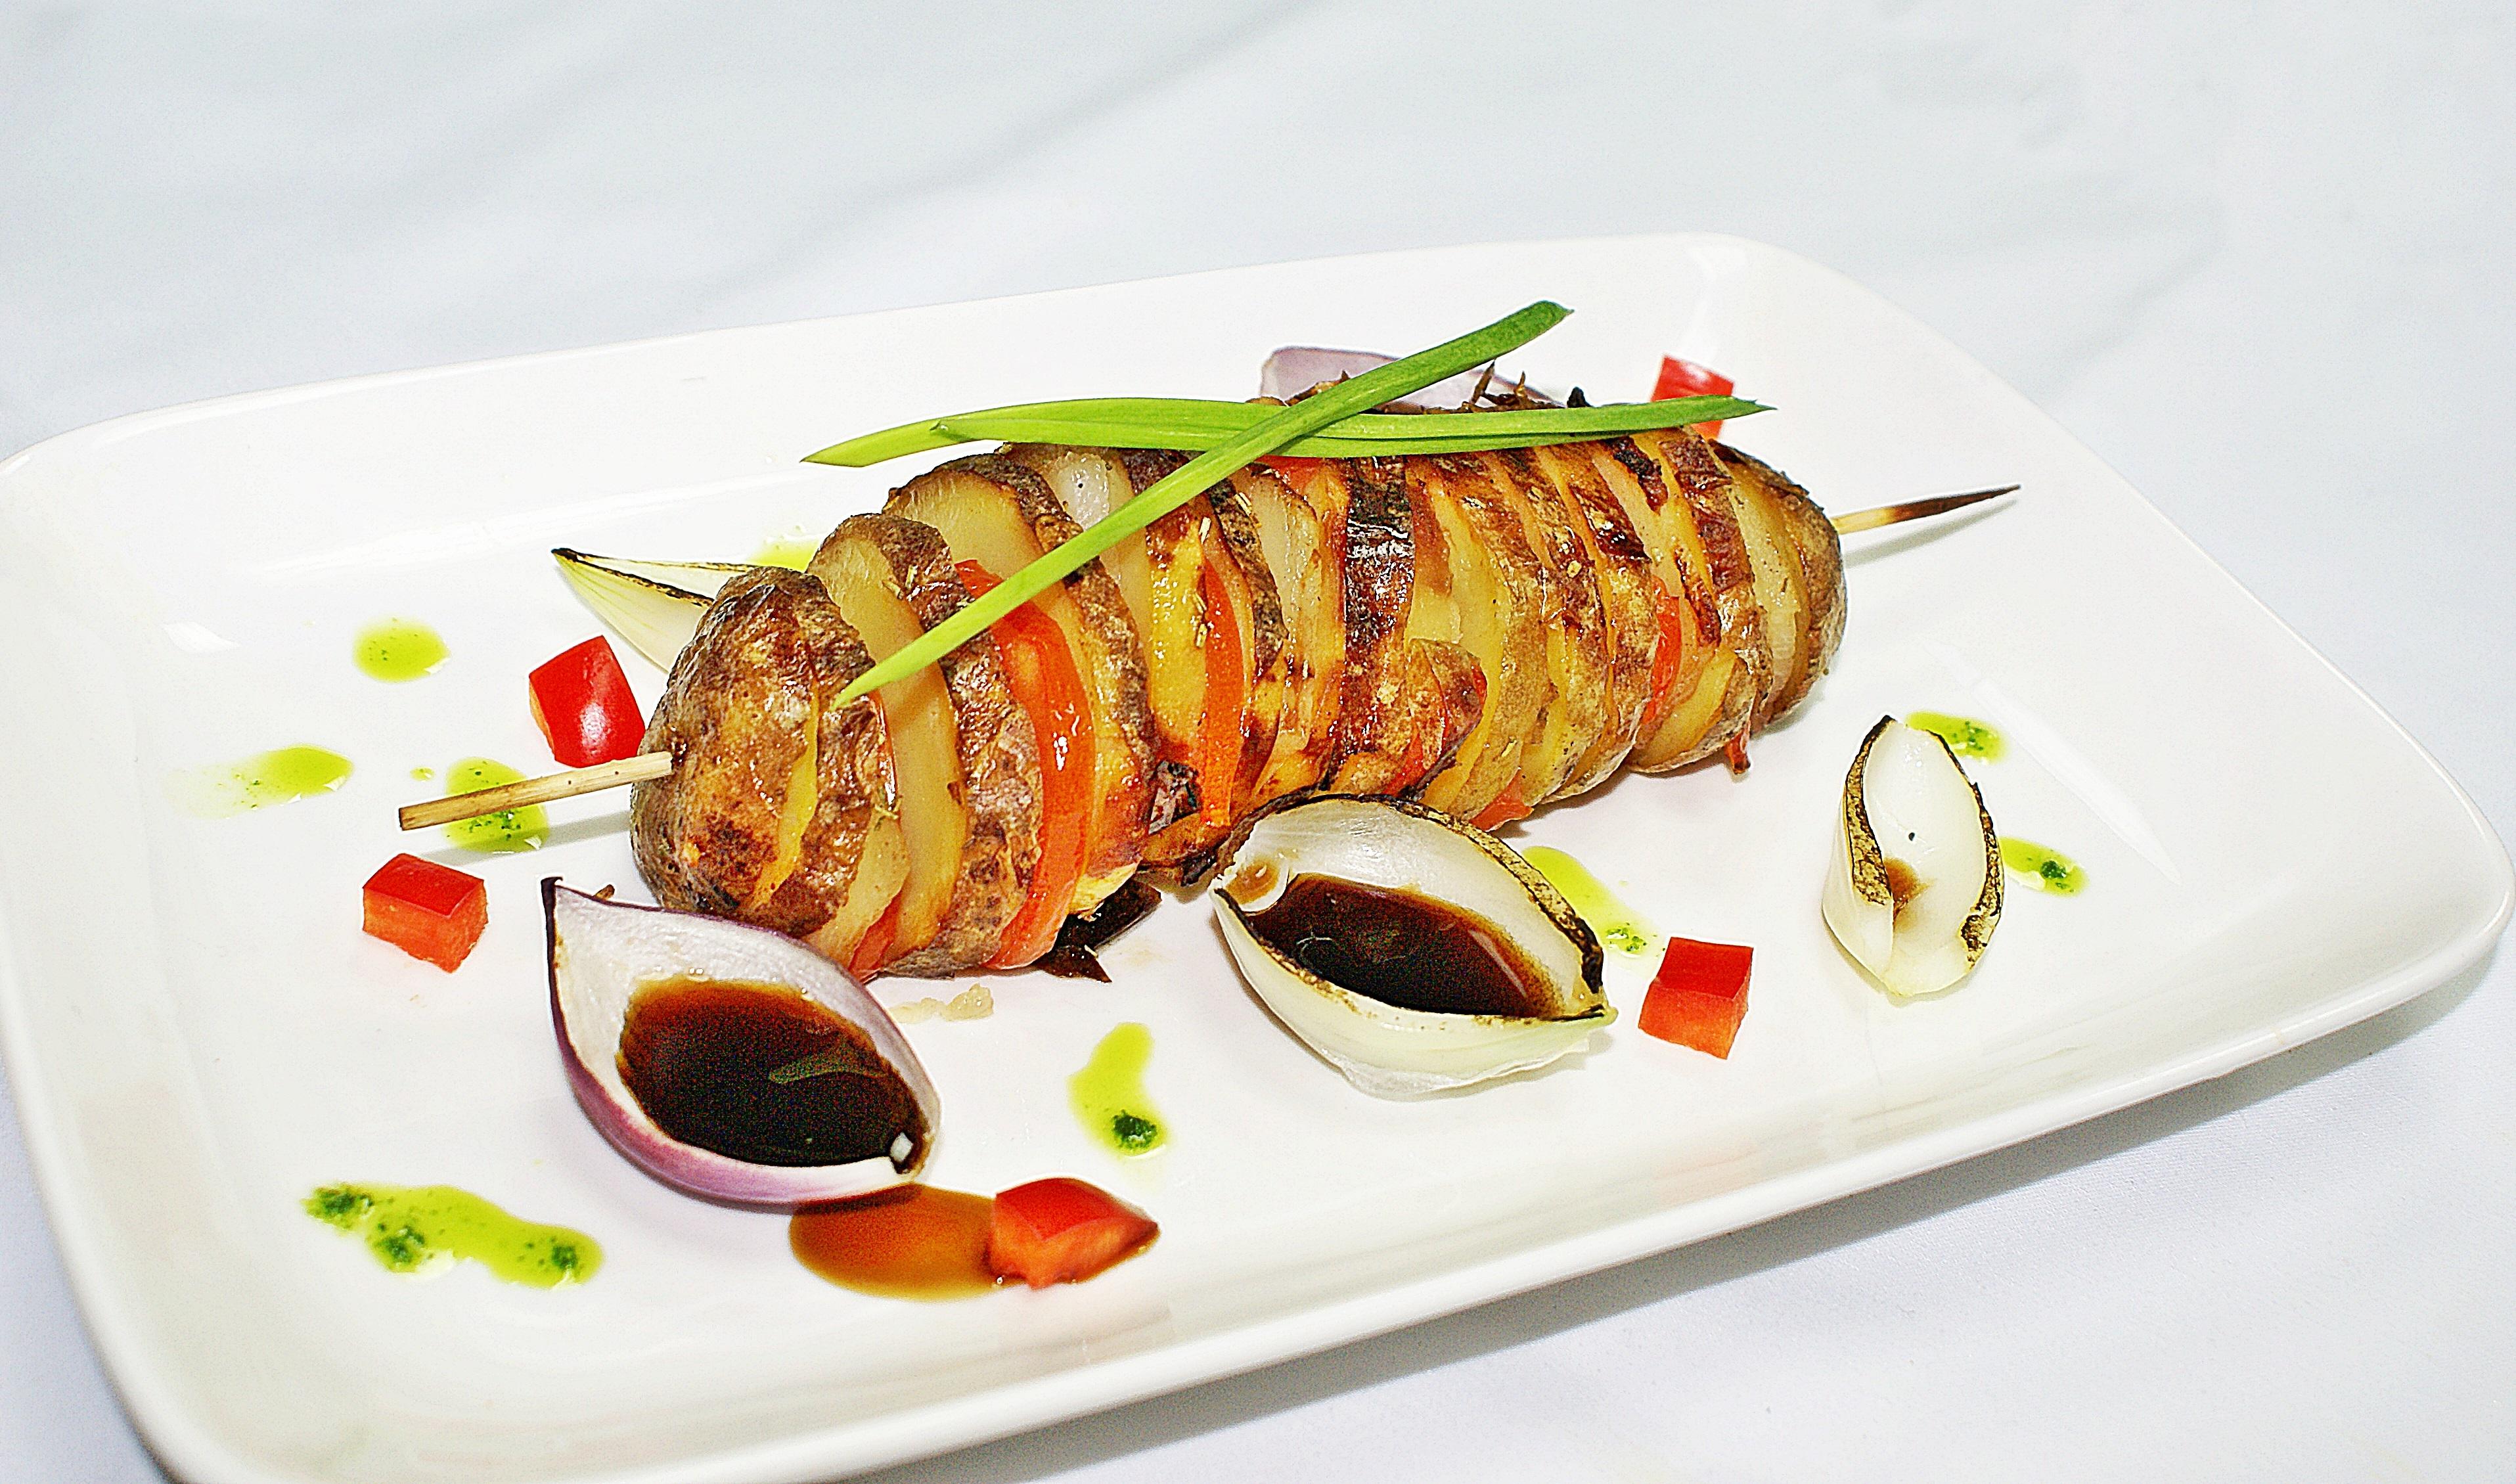 Zomer In Keuken : Koude varkensvlees salade japanse zomer keuken u stockfoto